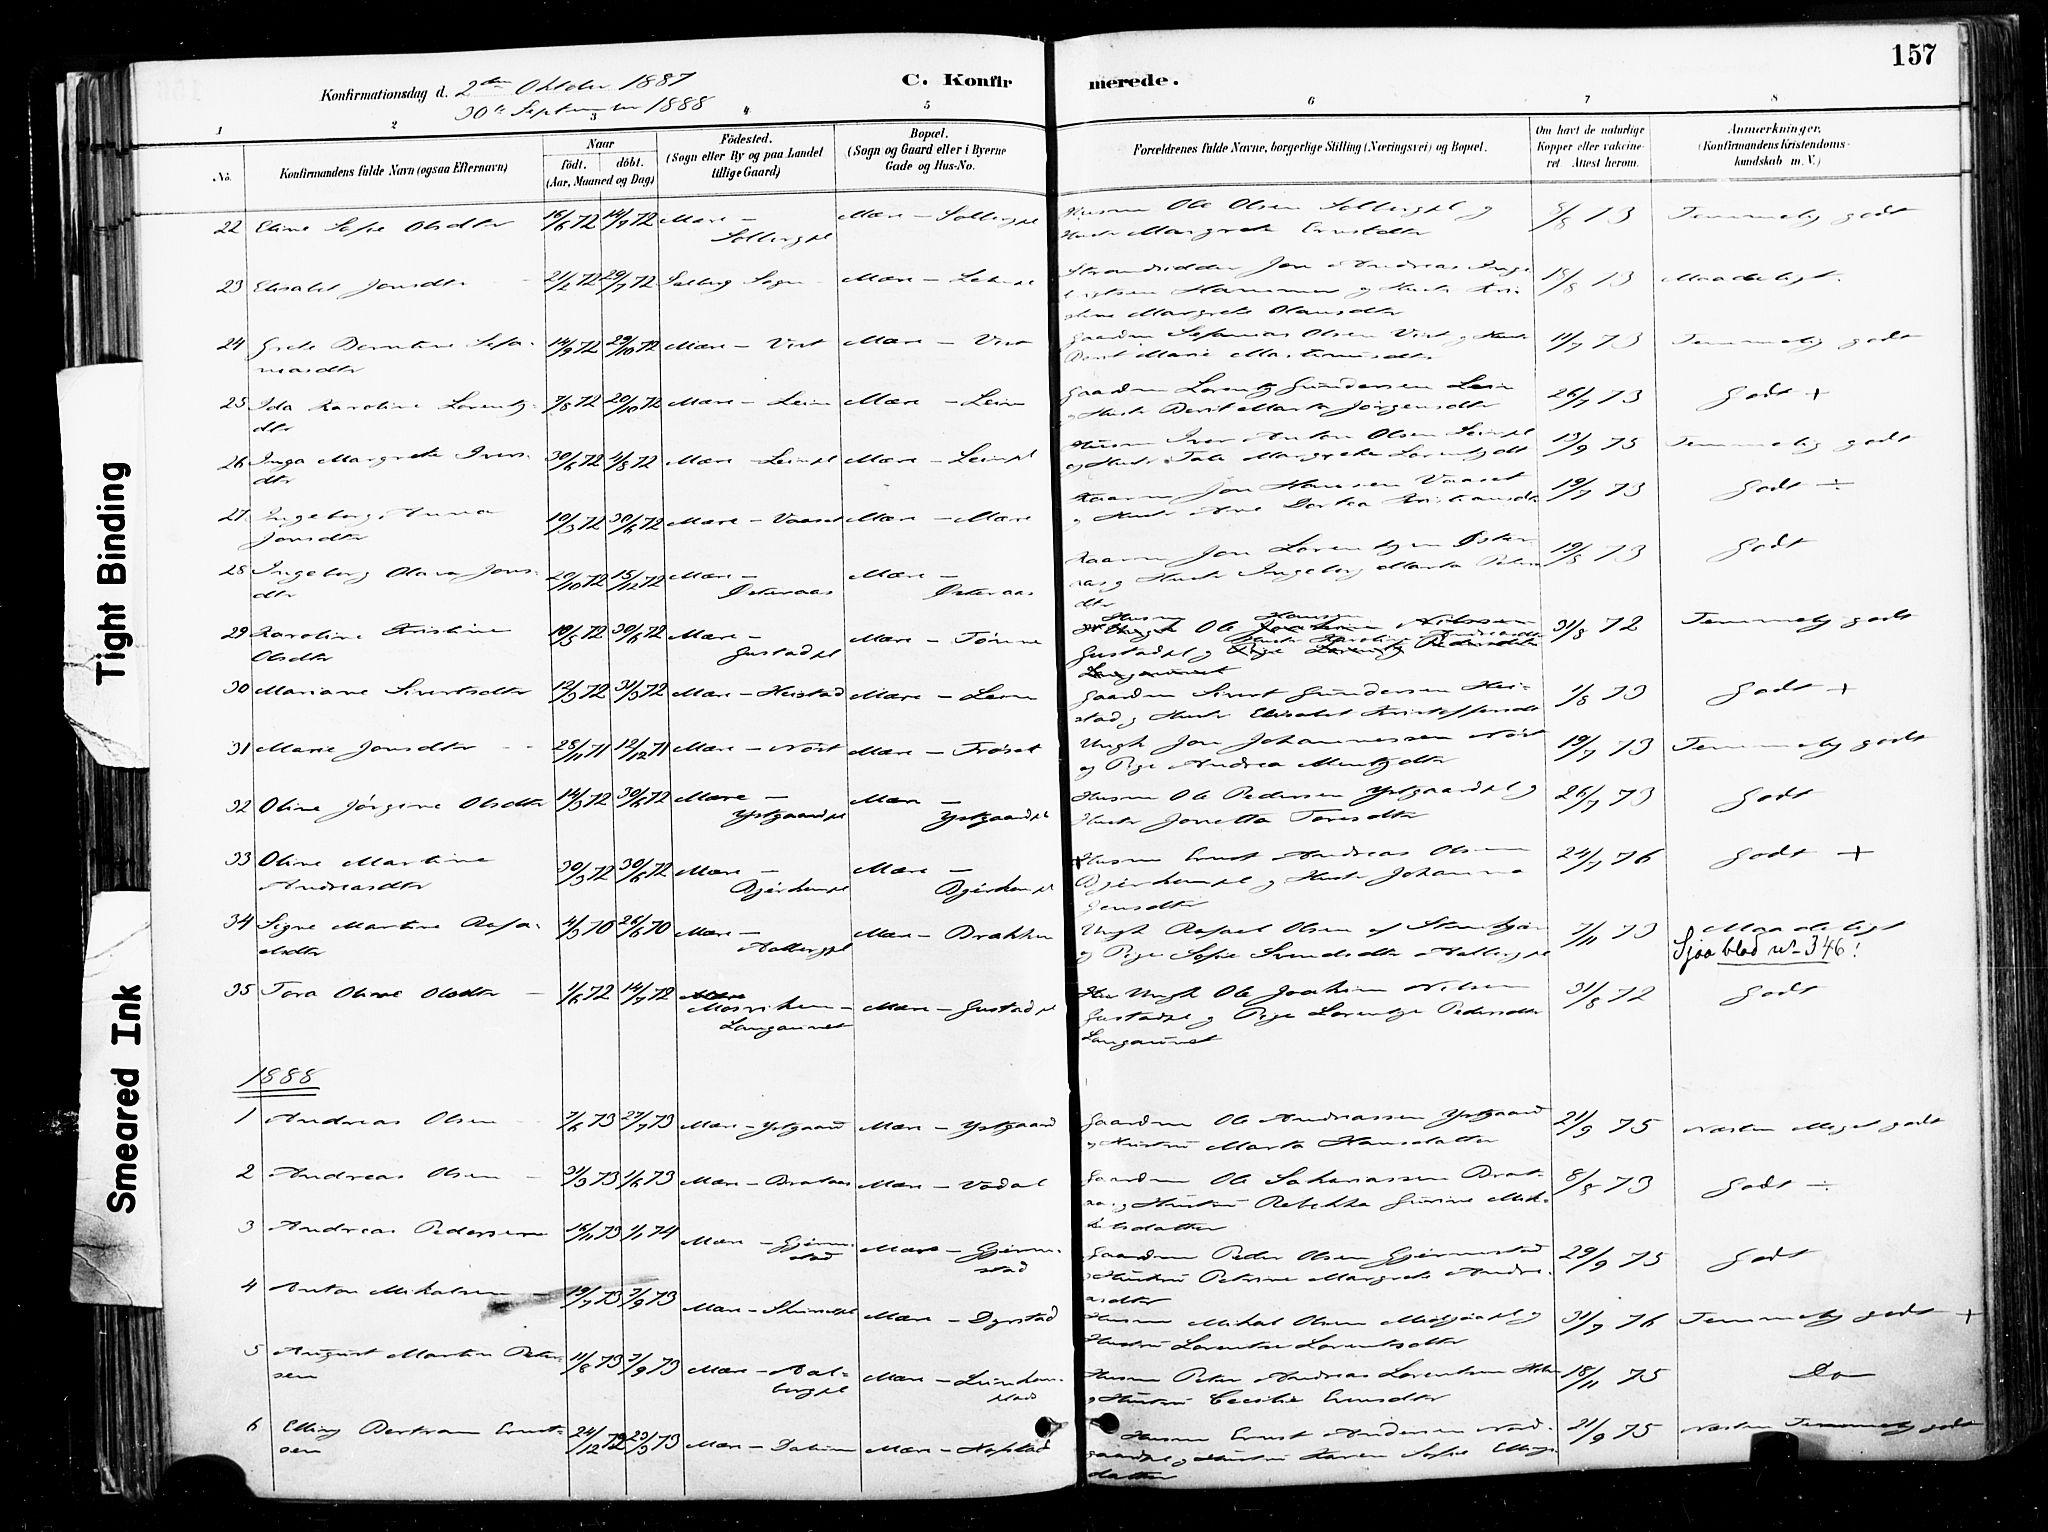 SAT, Ministerialprotokoller, klokkerbøker og fødselsregistre - Nord-Trøndelag, 735/L0351: Ministerialbok nr. 735A10, 1884-1908, s. 157